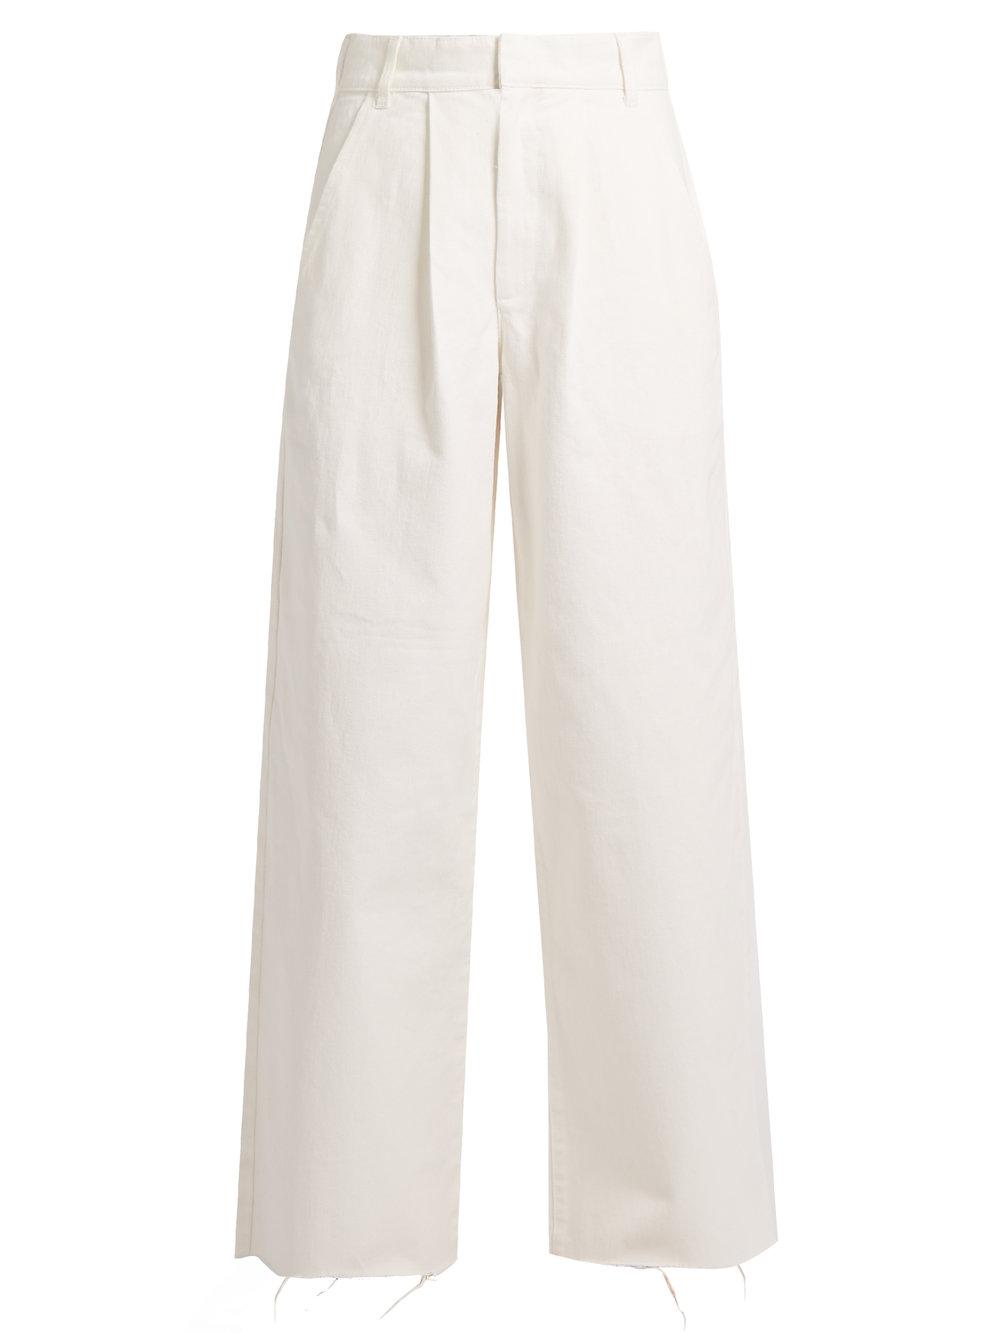 raey white jeans.jpg